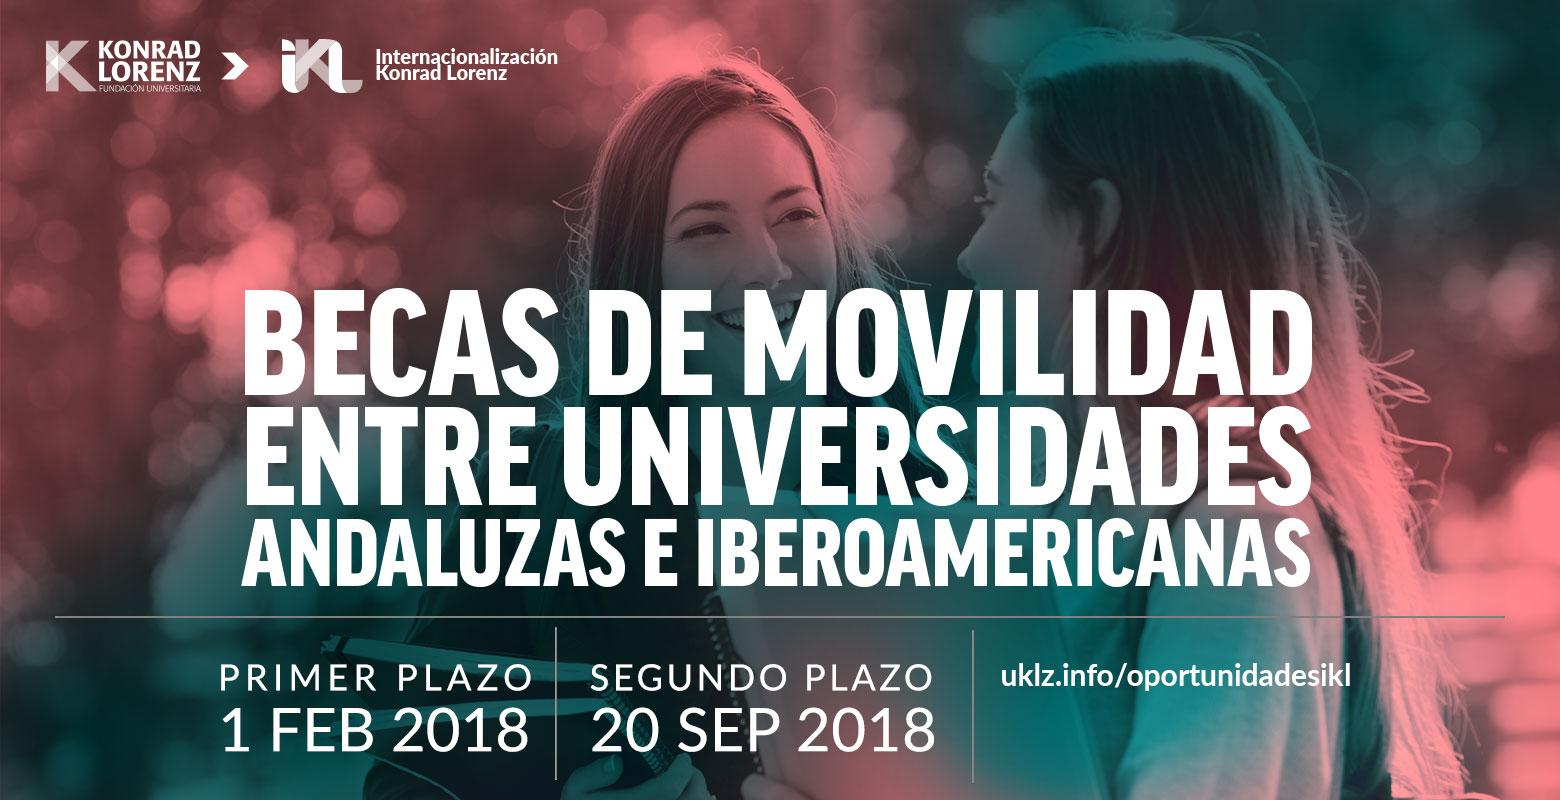 Becas de Movilidad entre Universidades Andaluzas e Iberoamericanas 2018